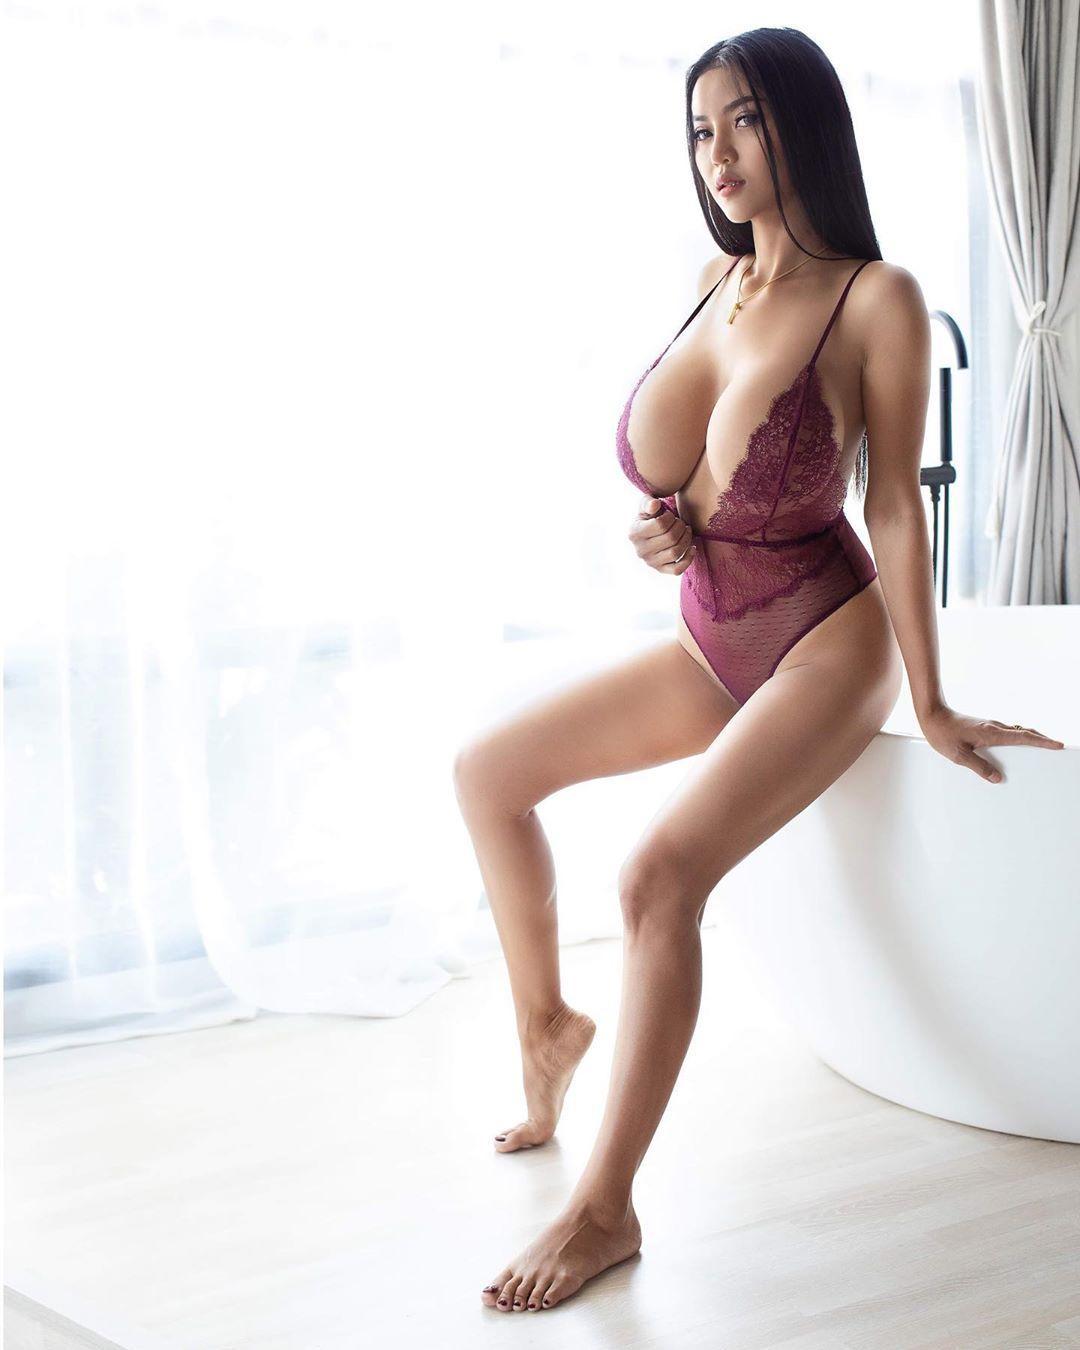 Faii-Orapun-Nude-Instagram-Model-Big-Tits-1